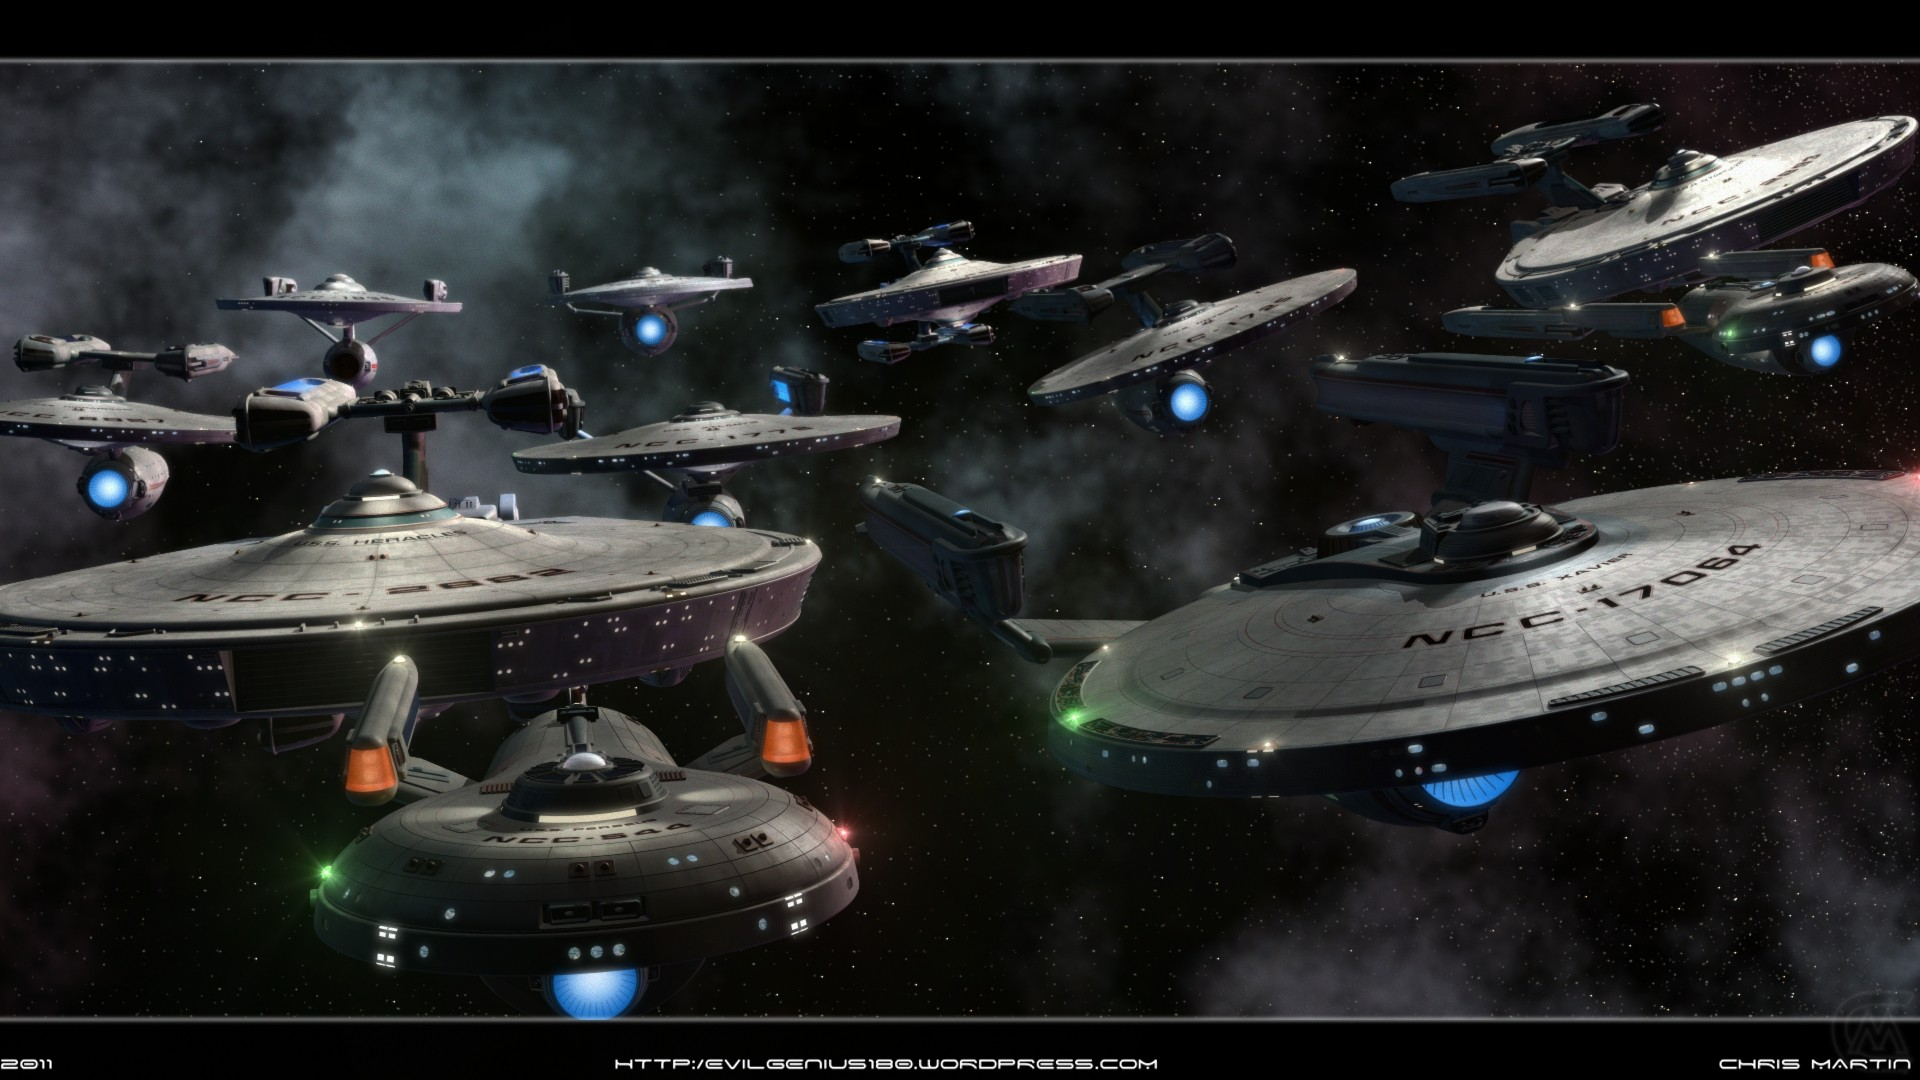 #STARFLEET INTELLIGENCE: #starship   #StarTrek